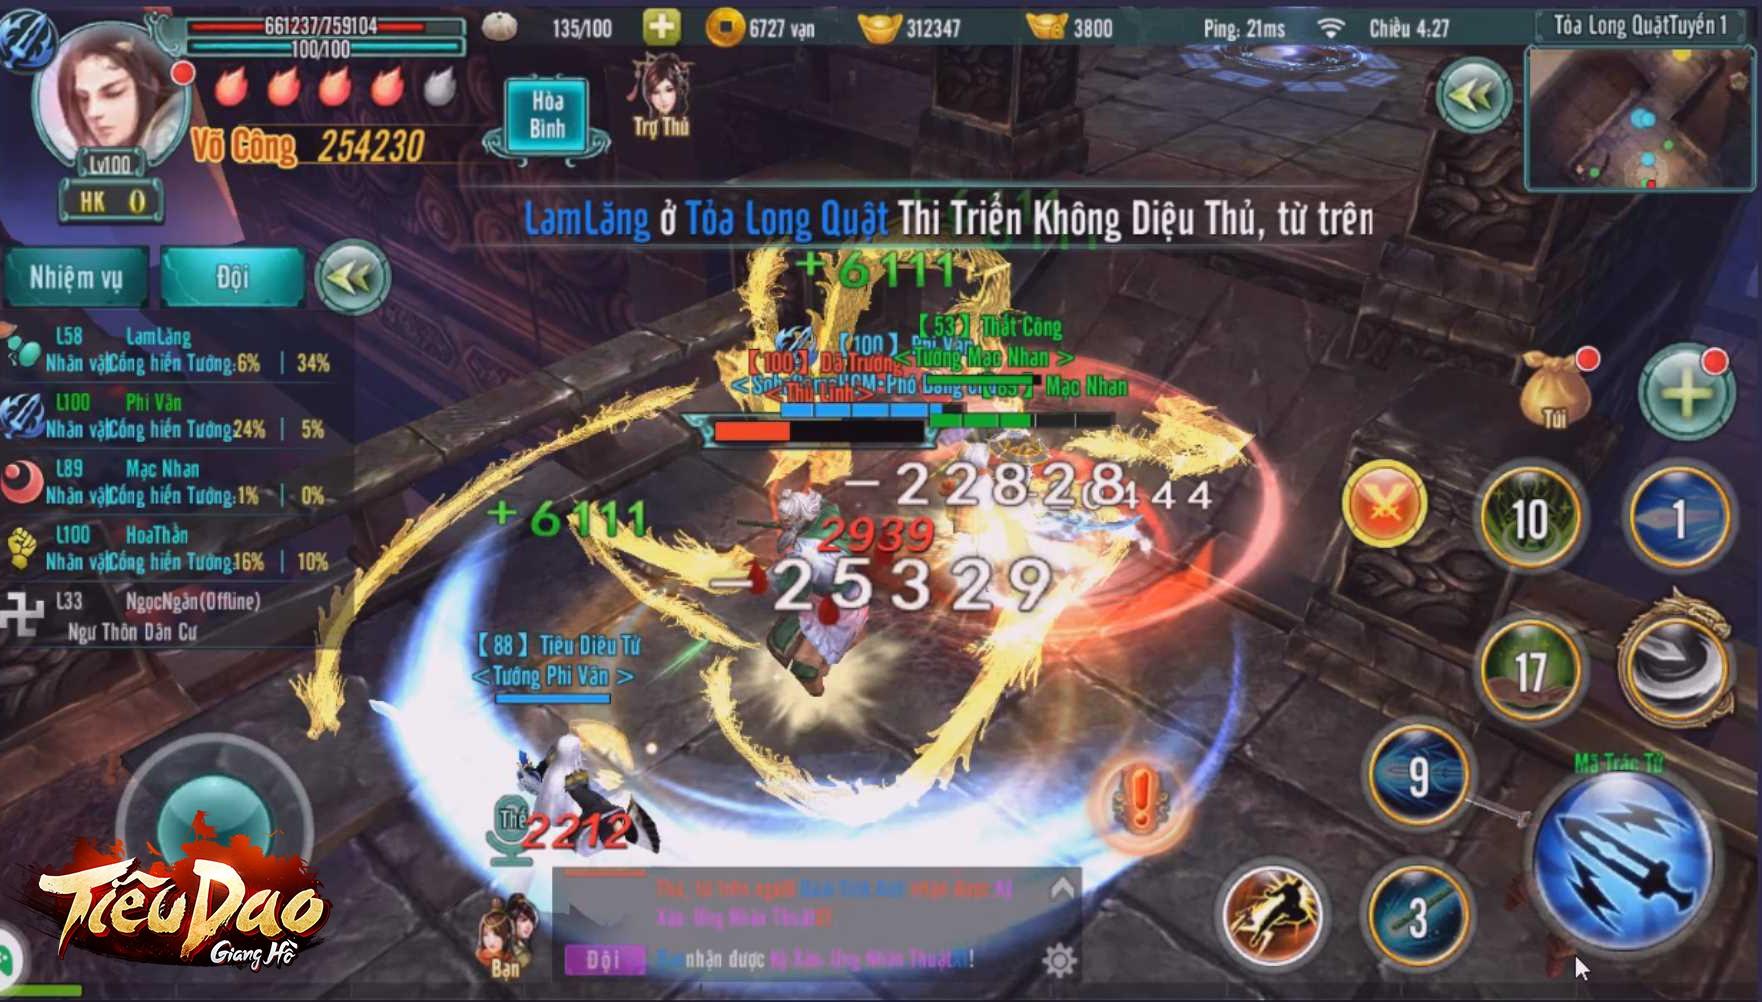 Tiêu Dao Giang Hồ tìm về chất kiếm hiệp ở giai đoạn hoàng kim của dòng game nhập vai 0